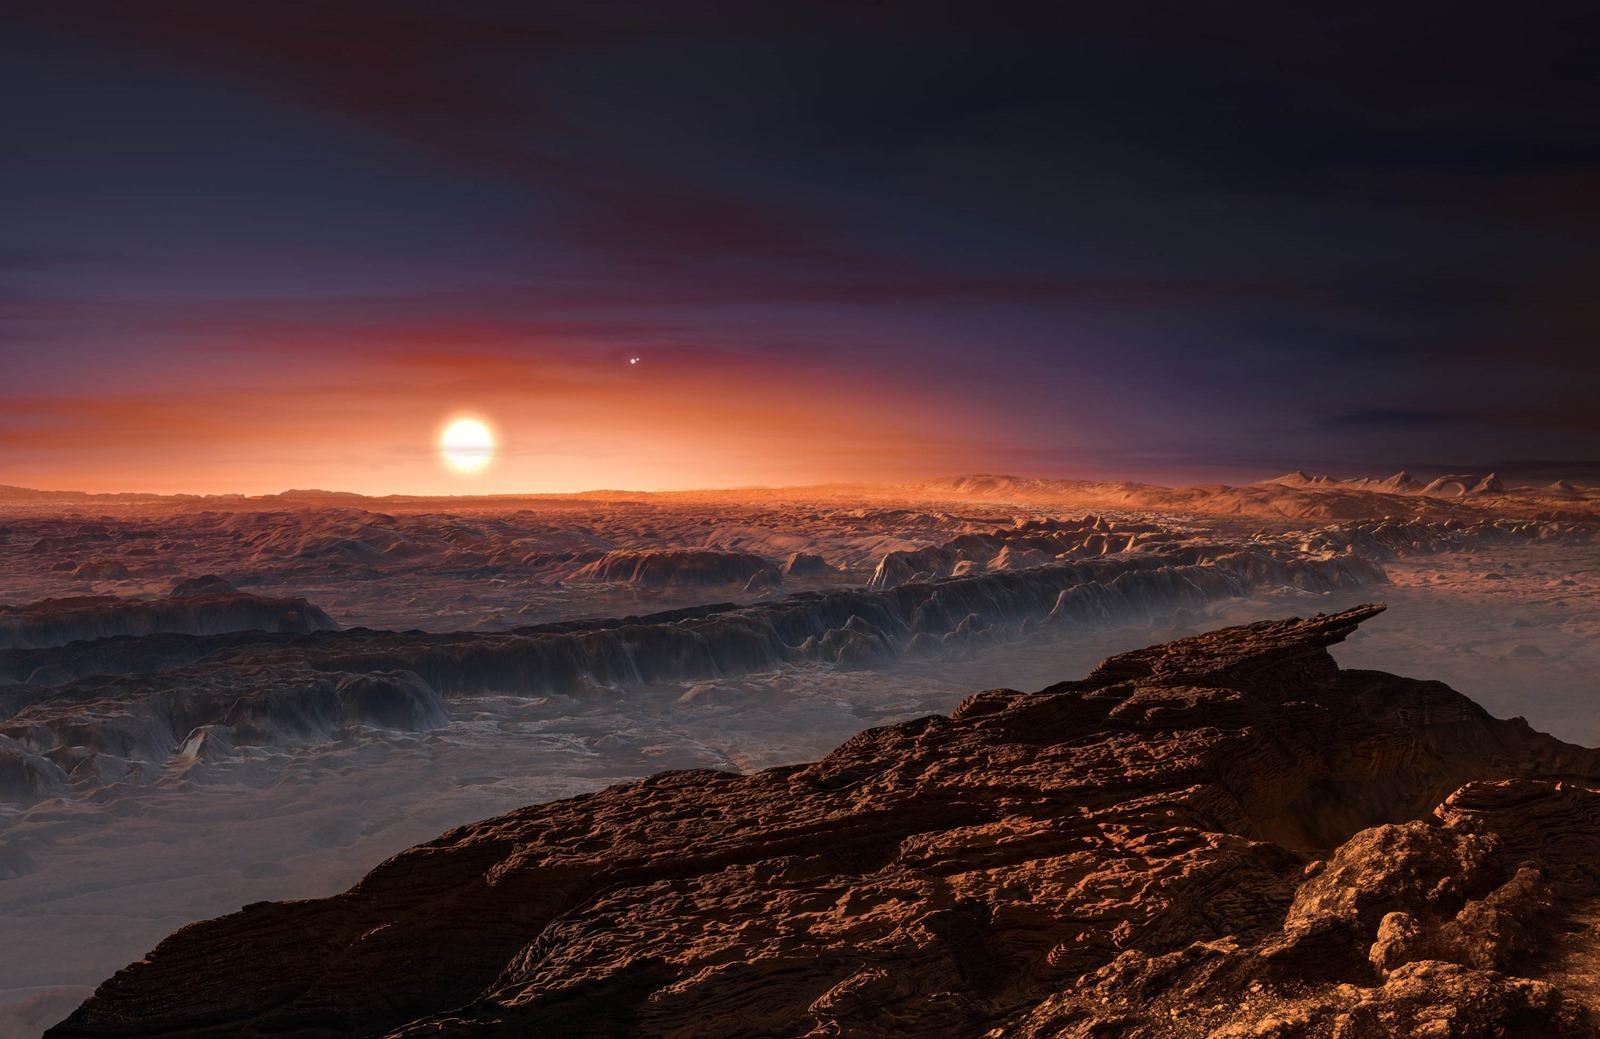 Découverte de la plus proche exoplanète potentiellement habitable, à une étoile d'ici